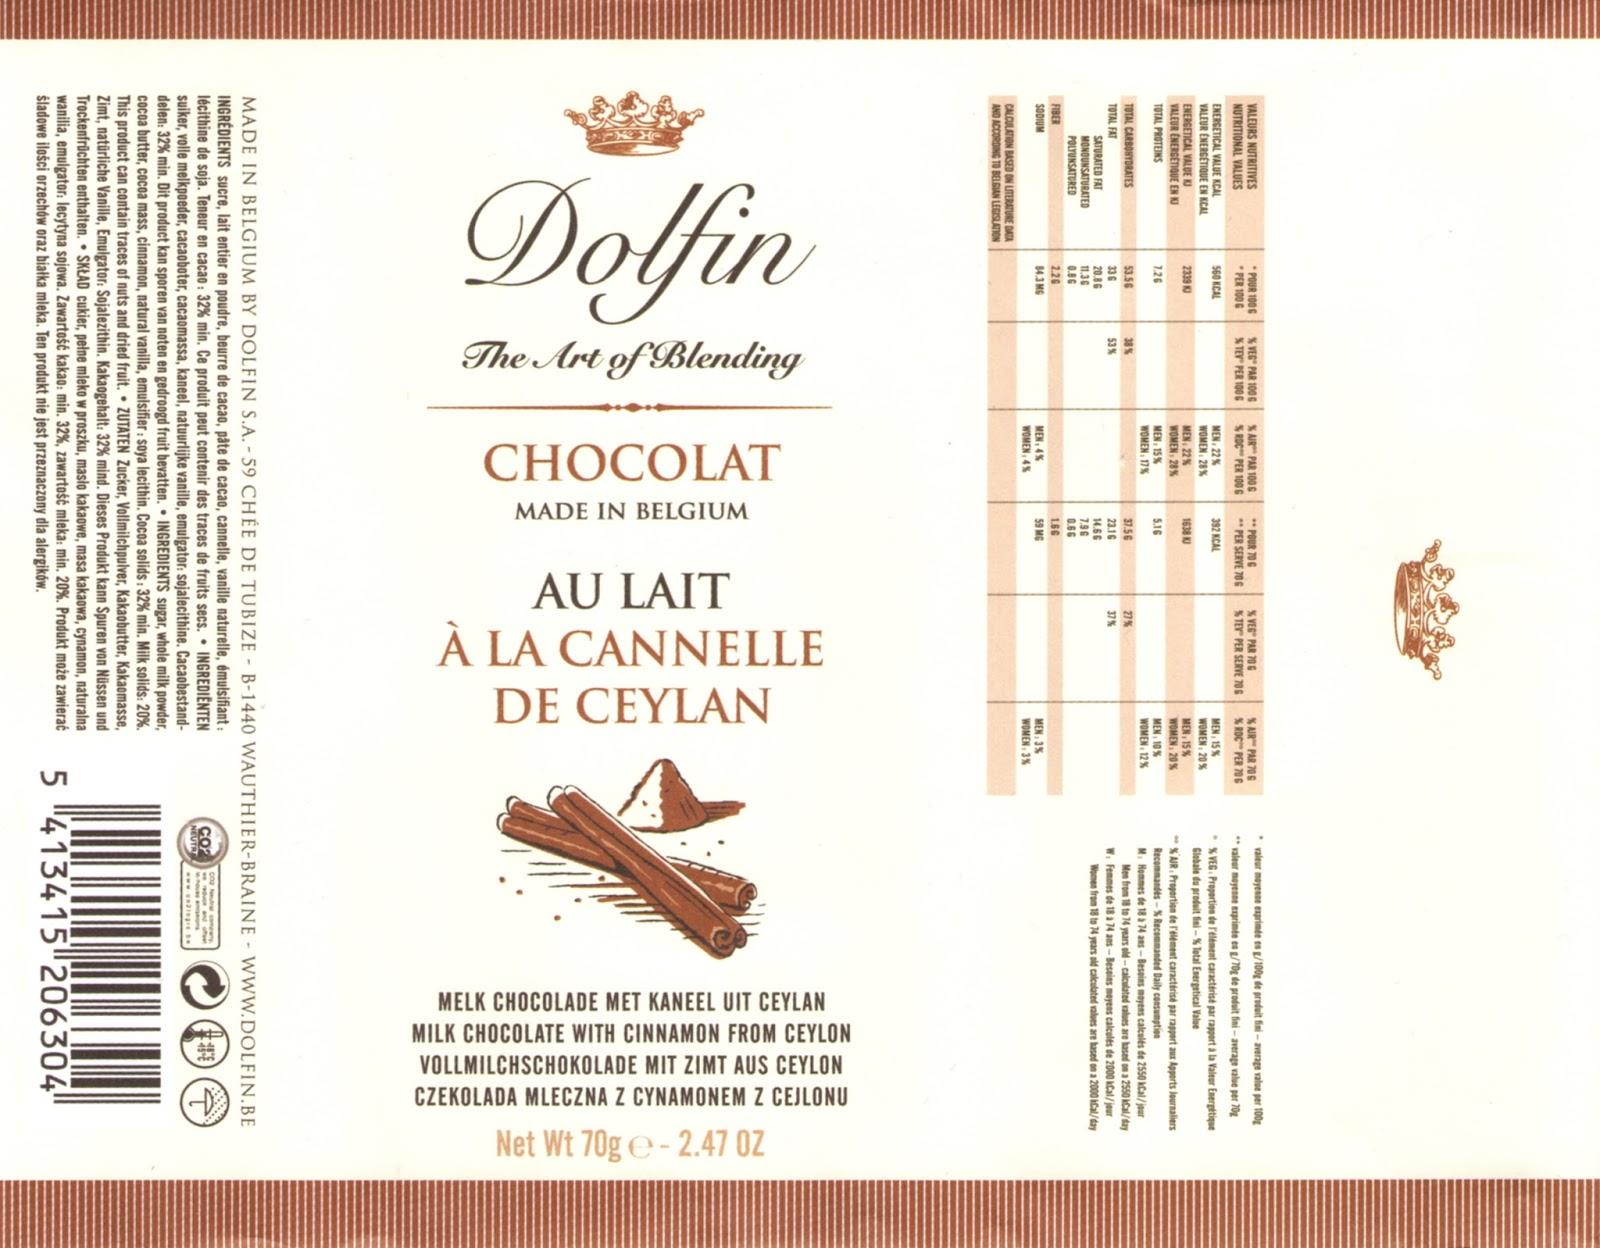 tablette de chocolat lait gourmand dolfin lait à la cannelle de ceylan